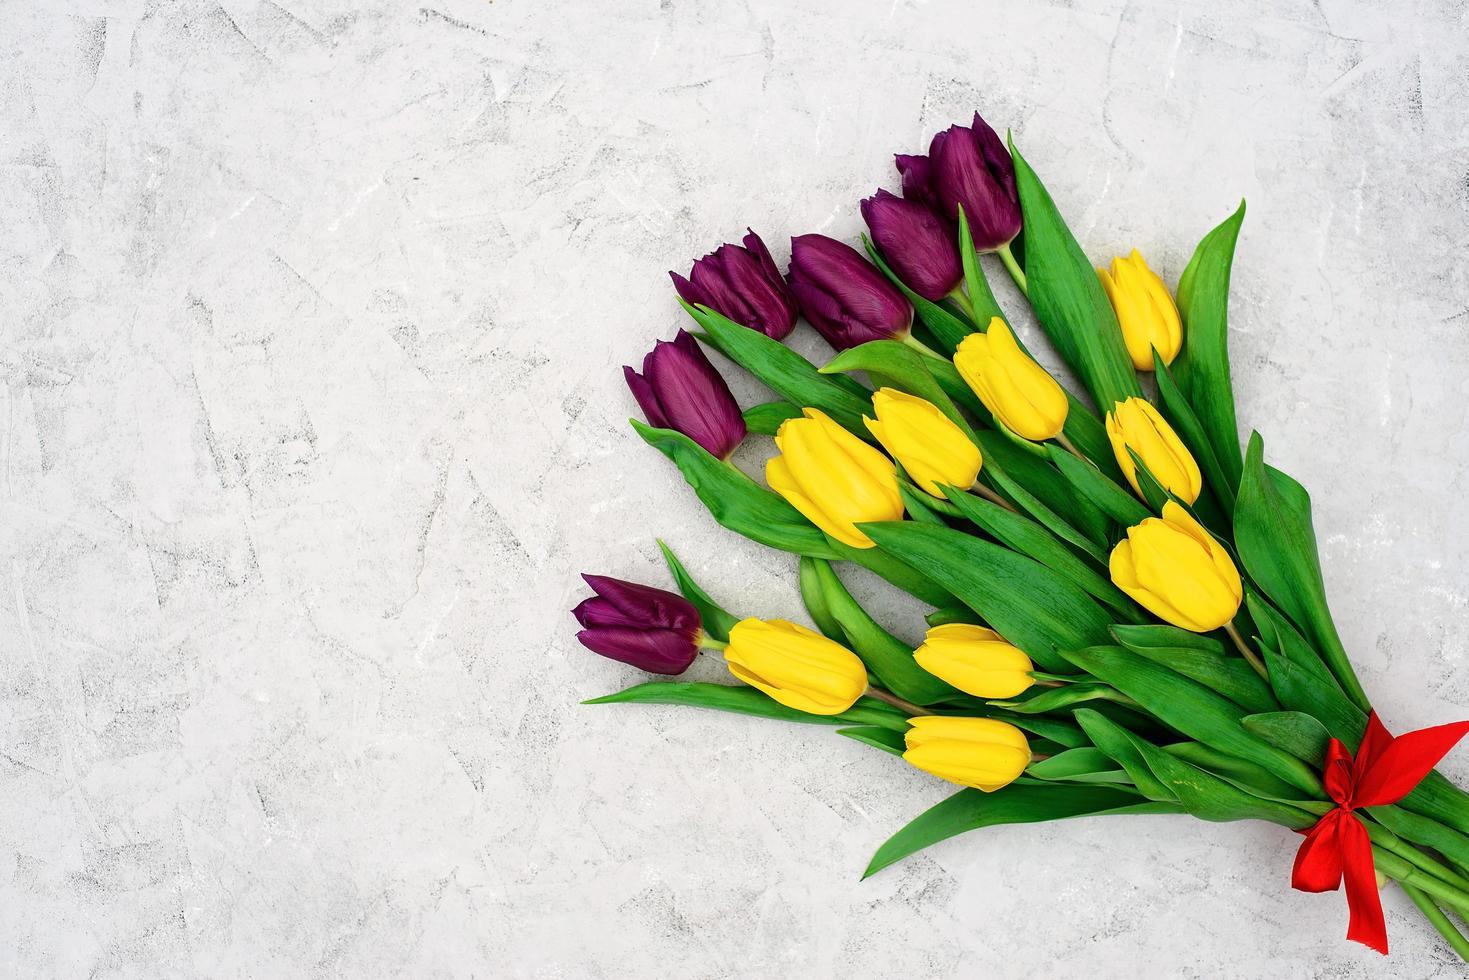 bouquet de fleurs de tulipes printanières jaunes et violettes sur fond de pierre clair. mise à plat. espace de copie. fête des mères. journée internationale de la femme. photo